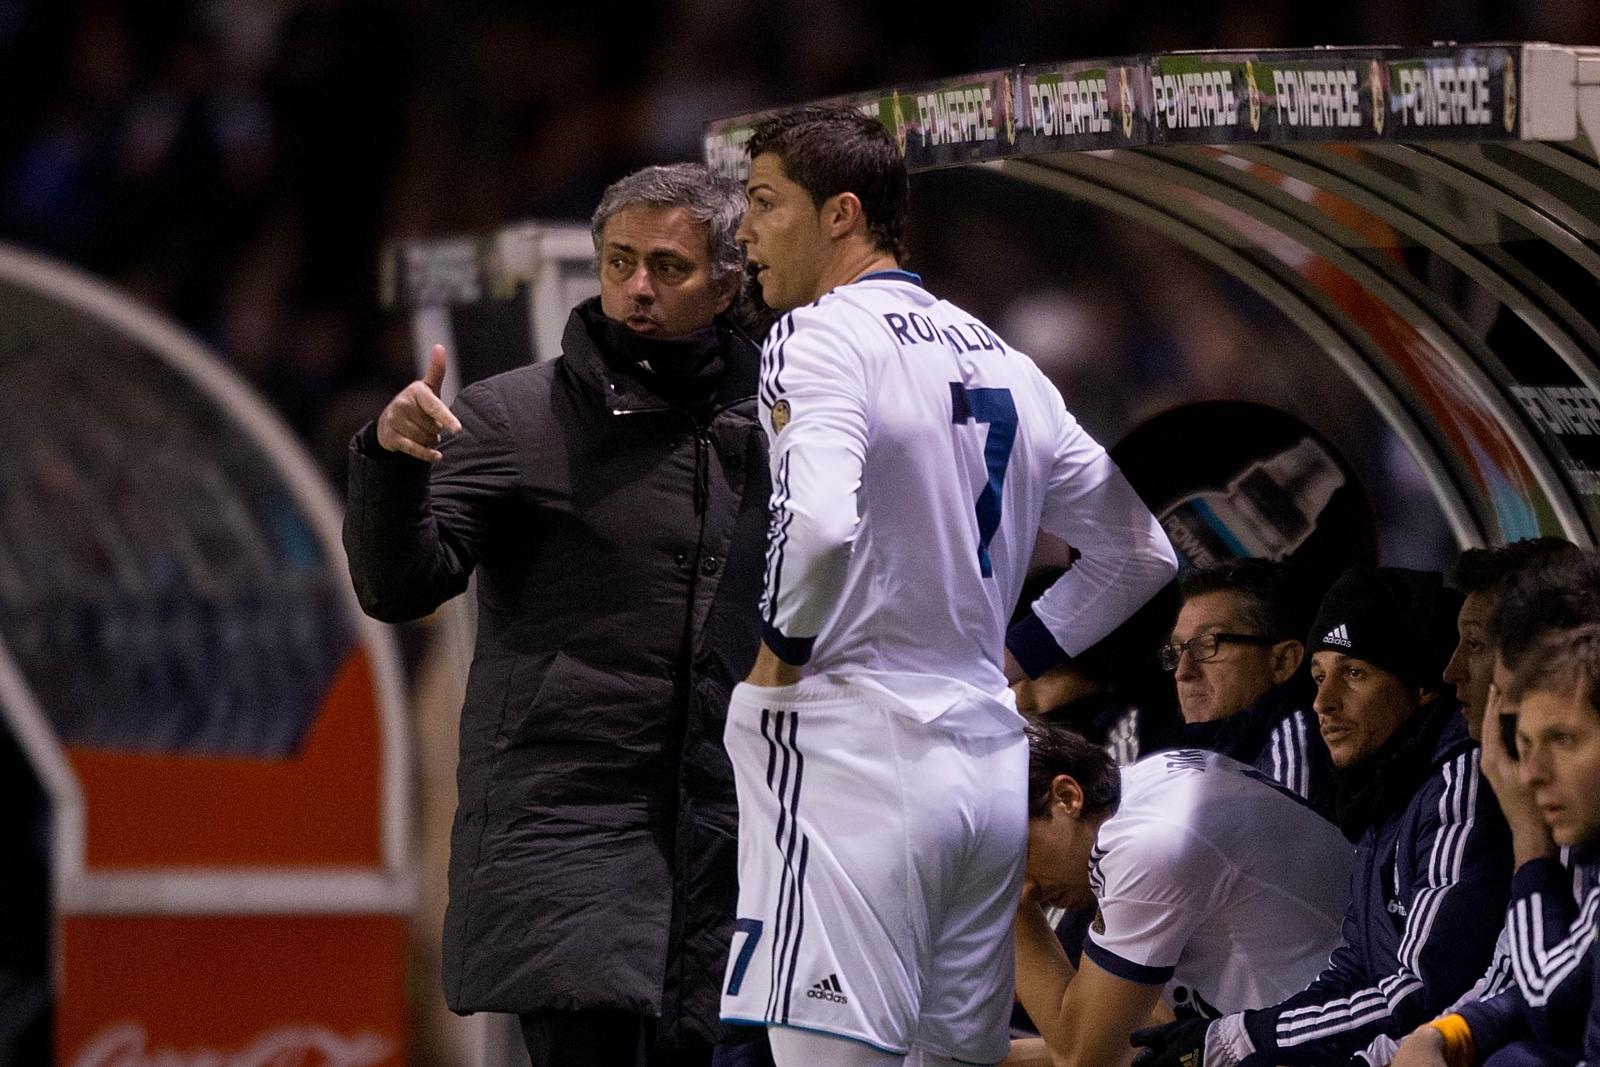 mourinho and ronaldo